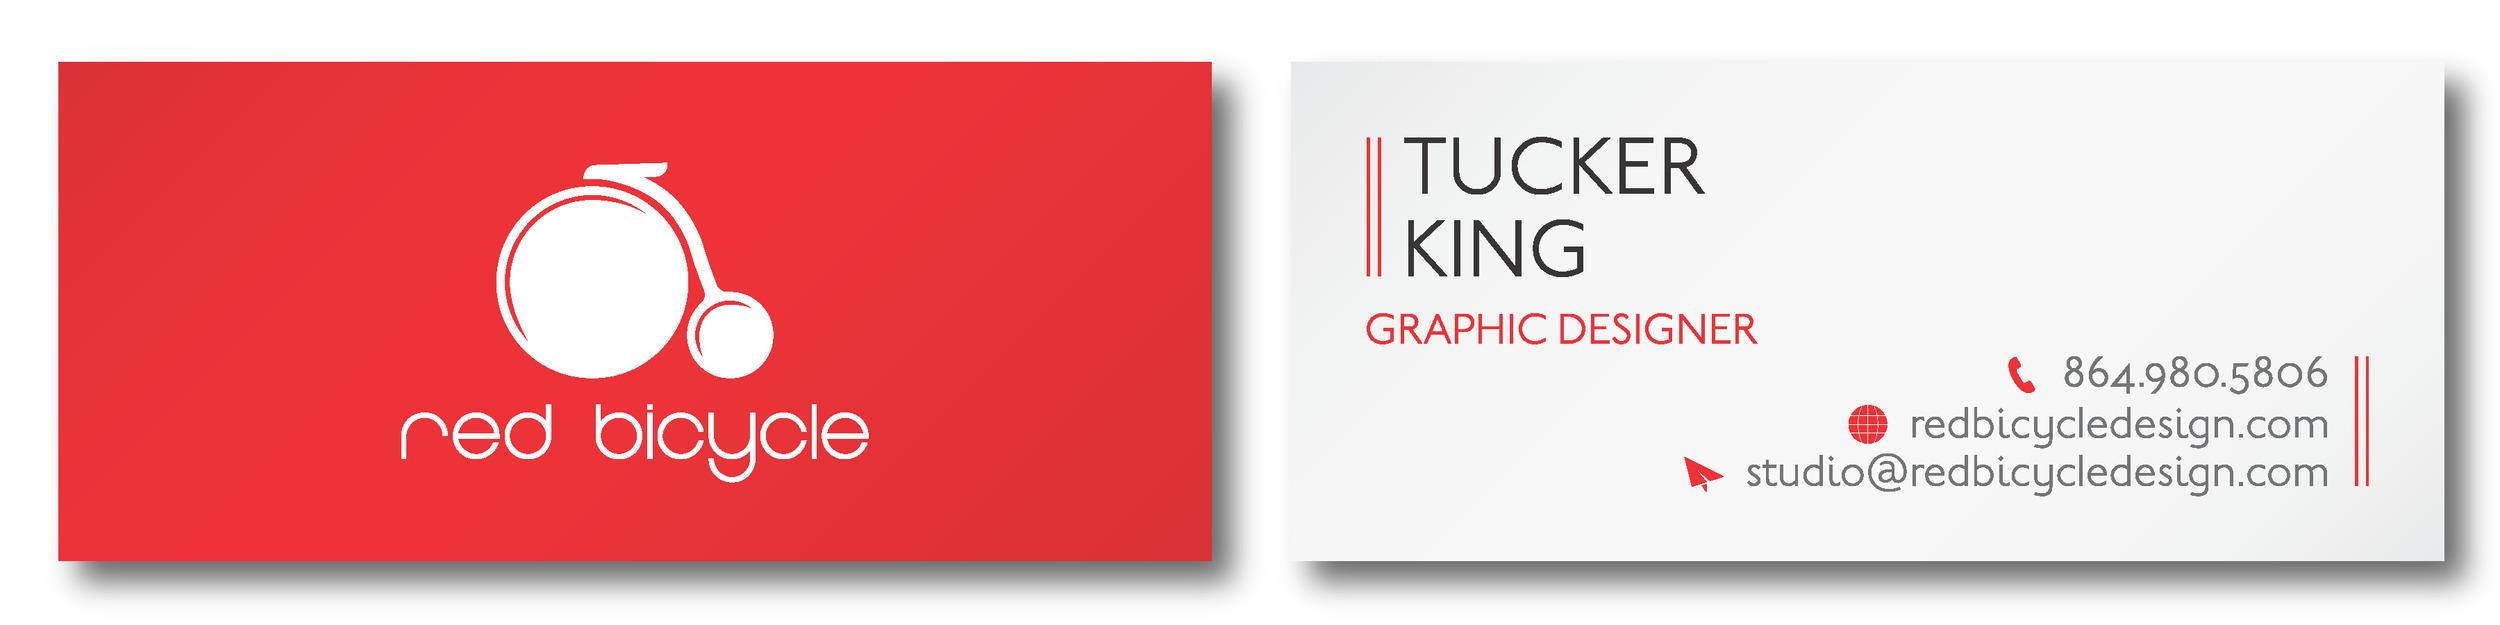 Red Bicycle Card.jpg